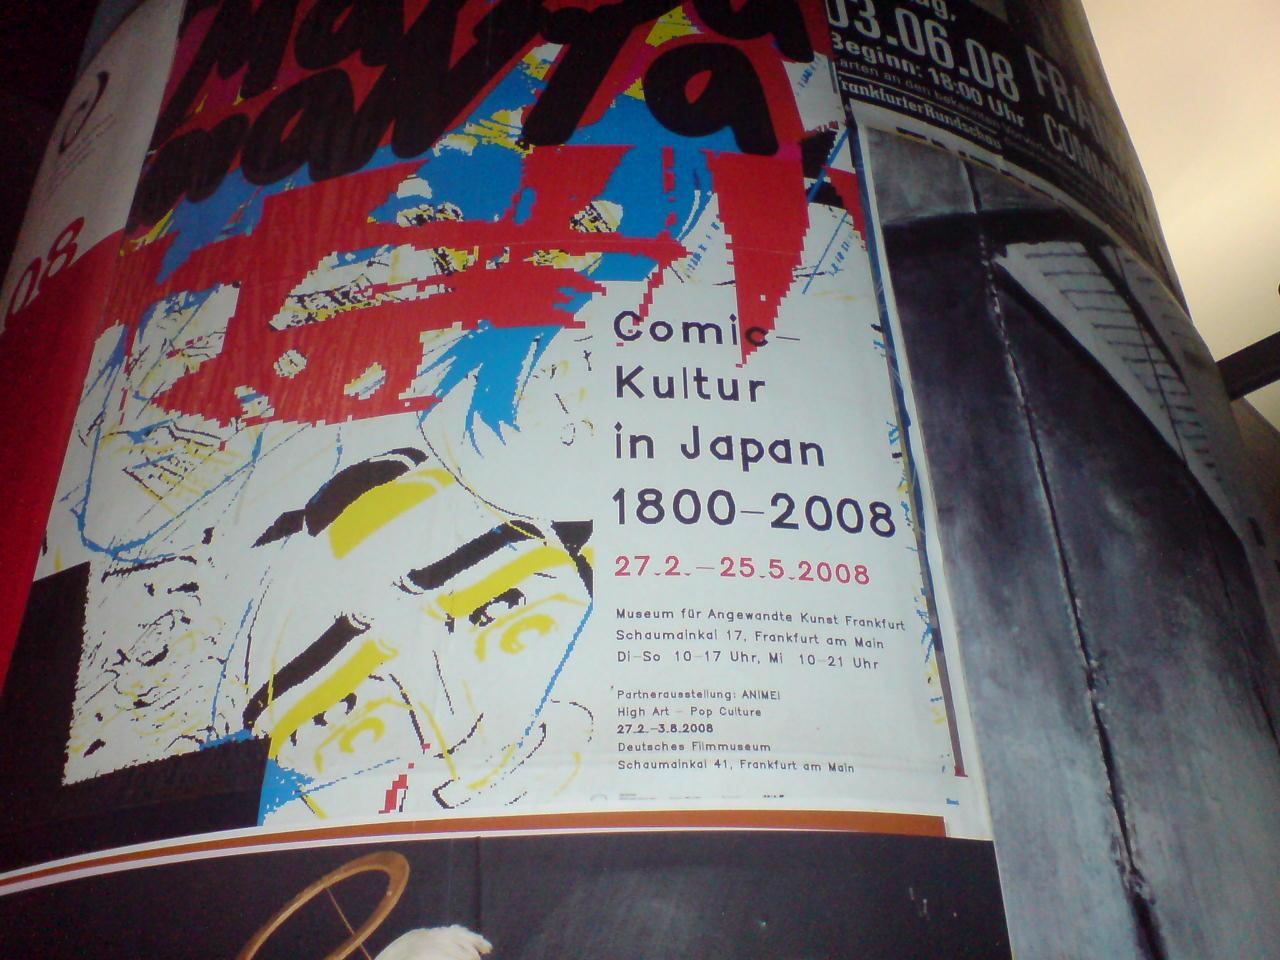 comickultur japan